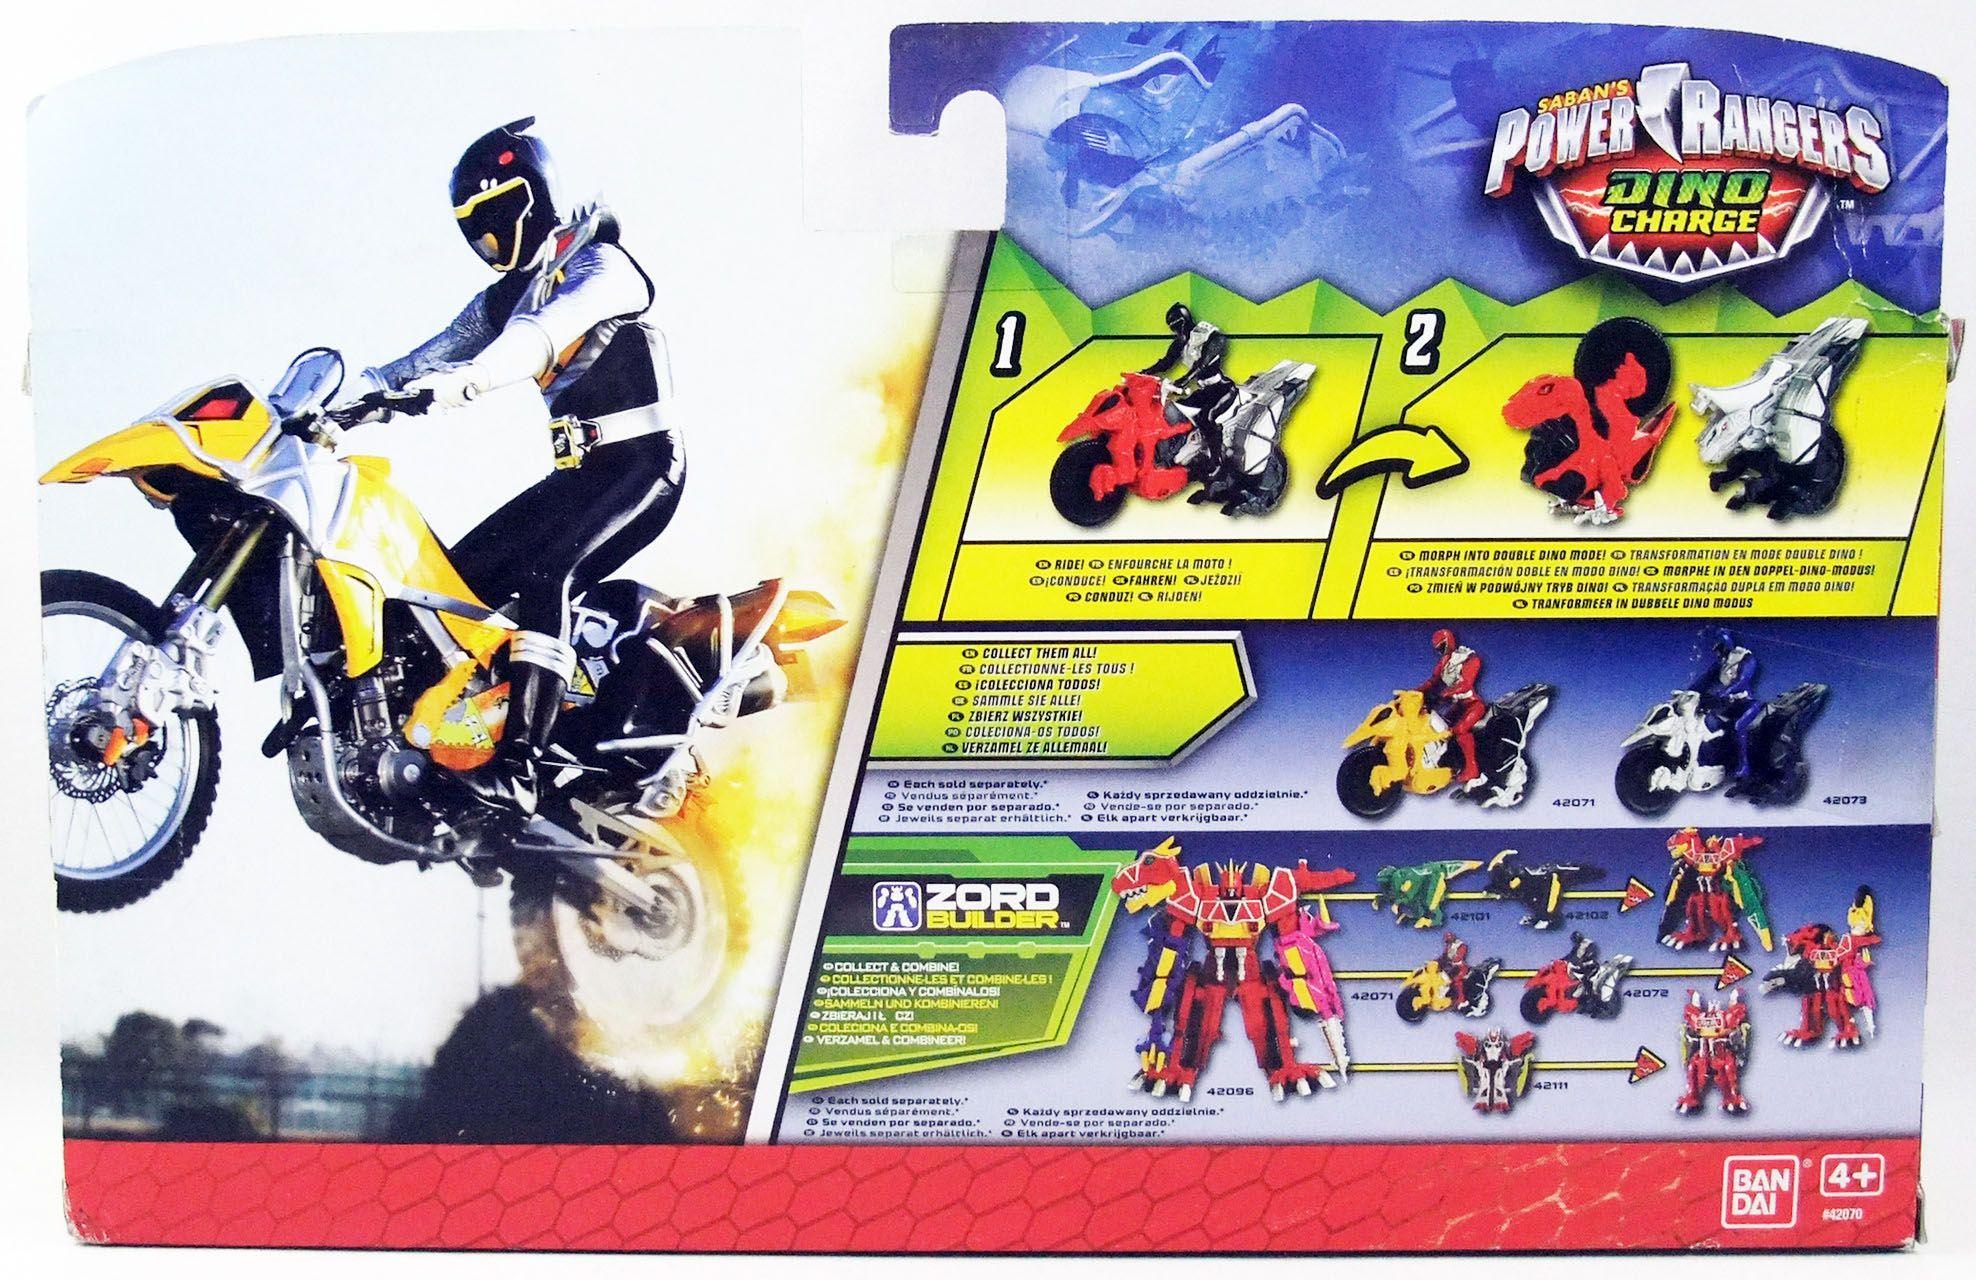 Power Rangers Dino Charge - Moto Raptor & Ranger Noir